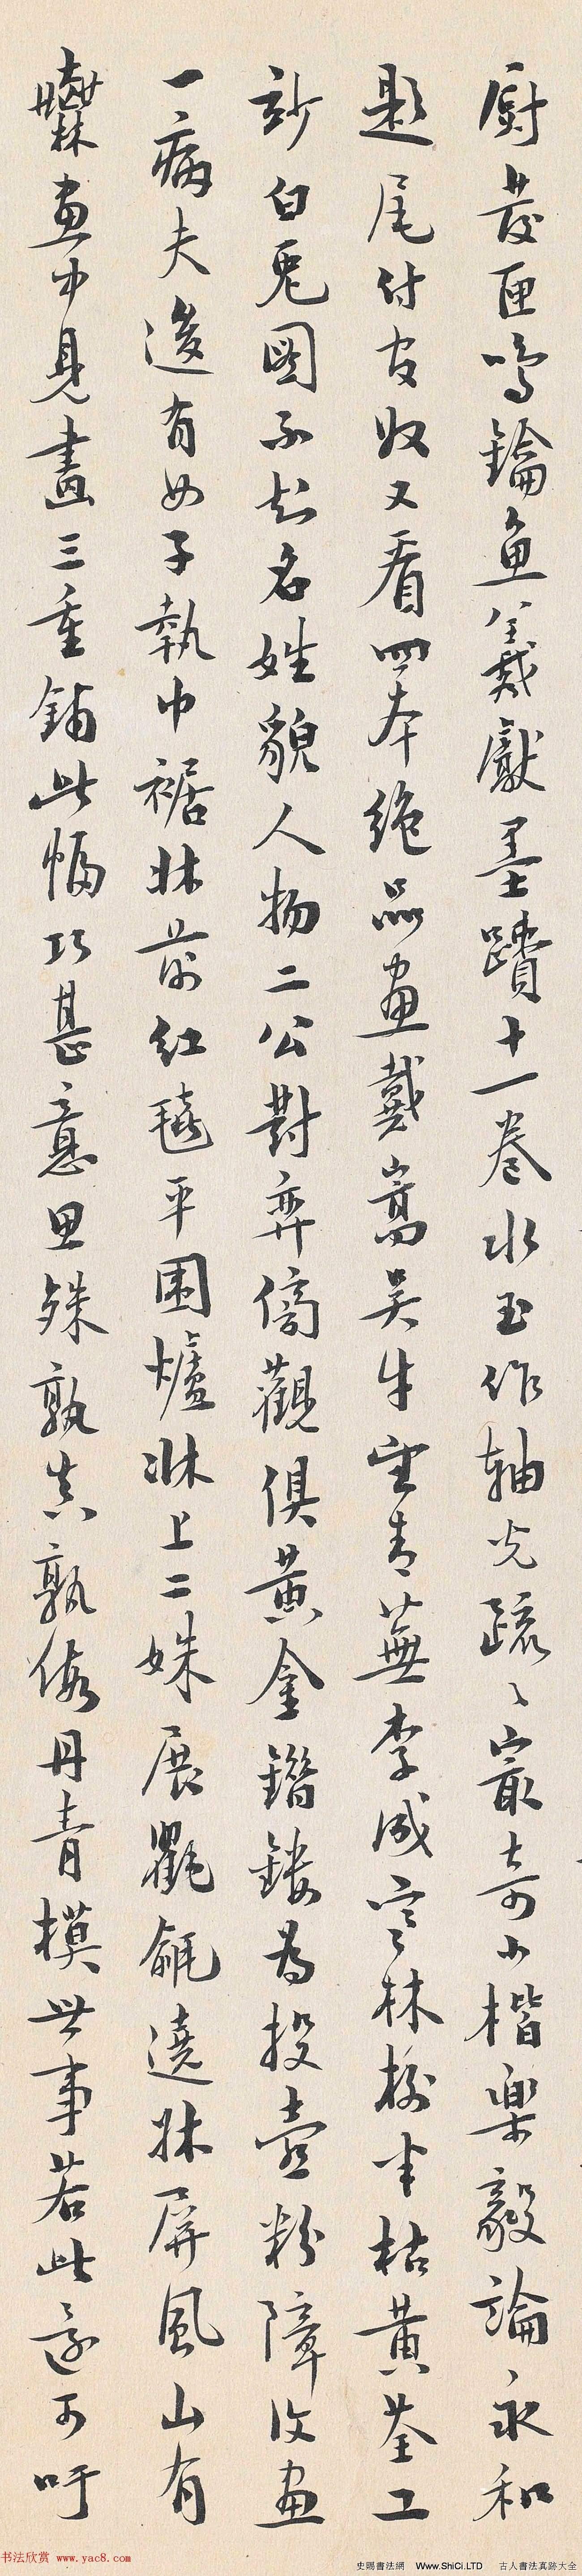 東北書畫大家於懷書法墨跡